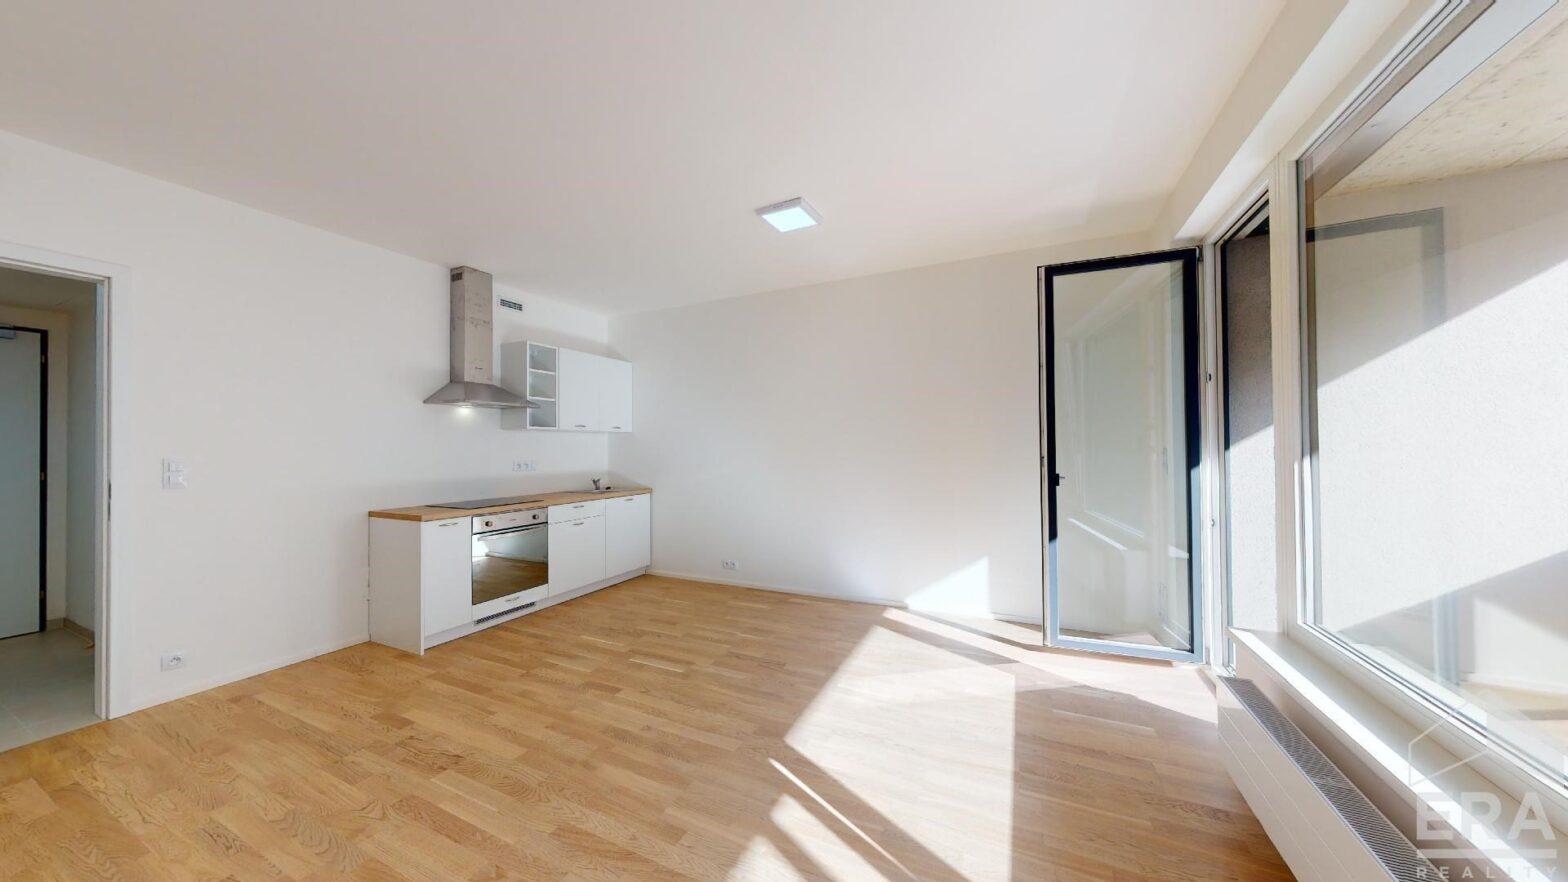 Pronájem bytu 1+kk, 34 m2, ul. Nuselská 53, Praha 4 – Nusle